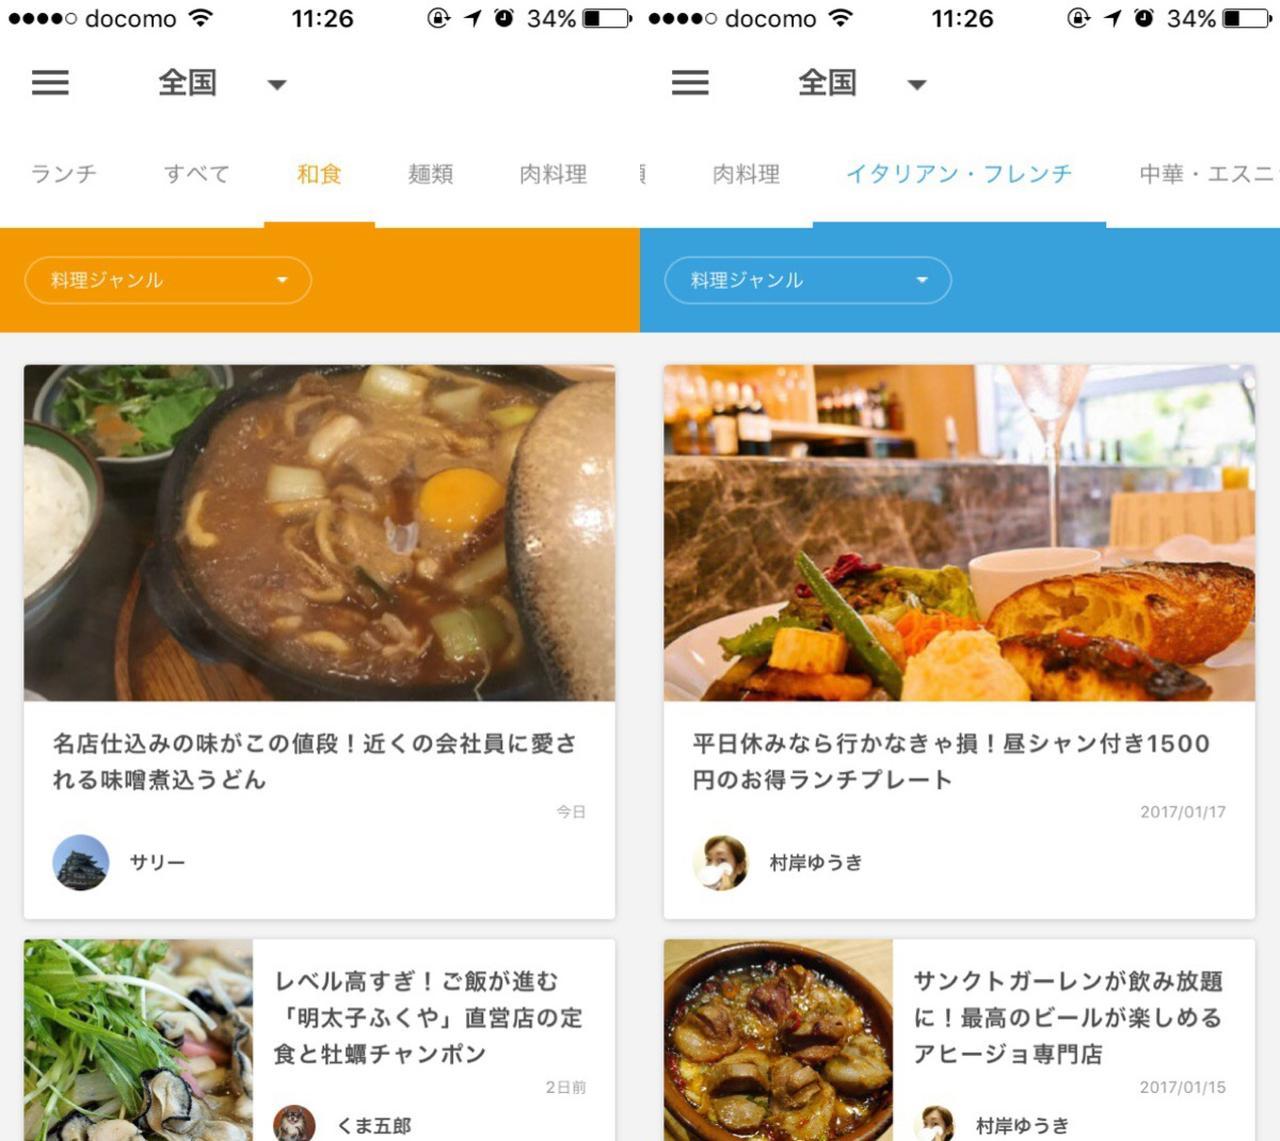 画像1: 和食、イタリアン、スイーツにラーメンと幅広いジャンルのオススメを掲載。